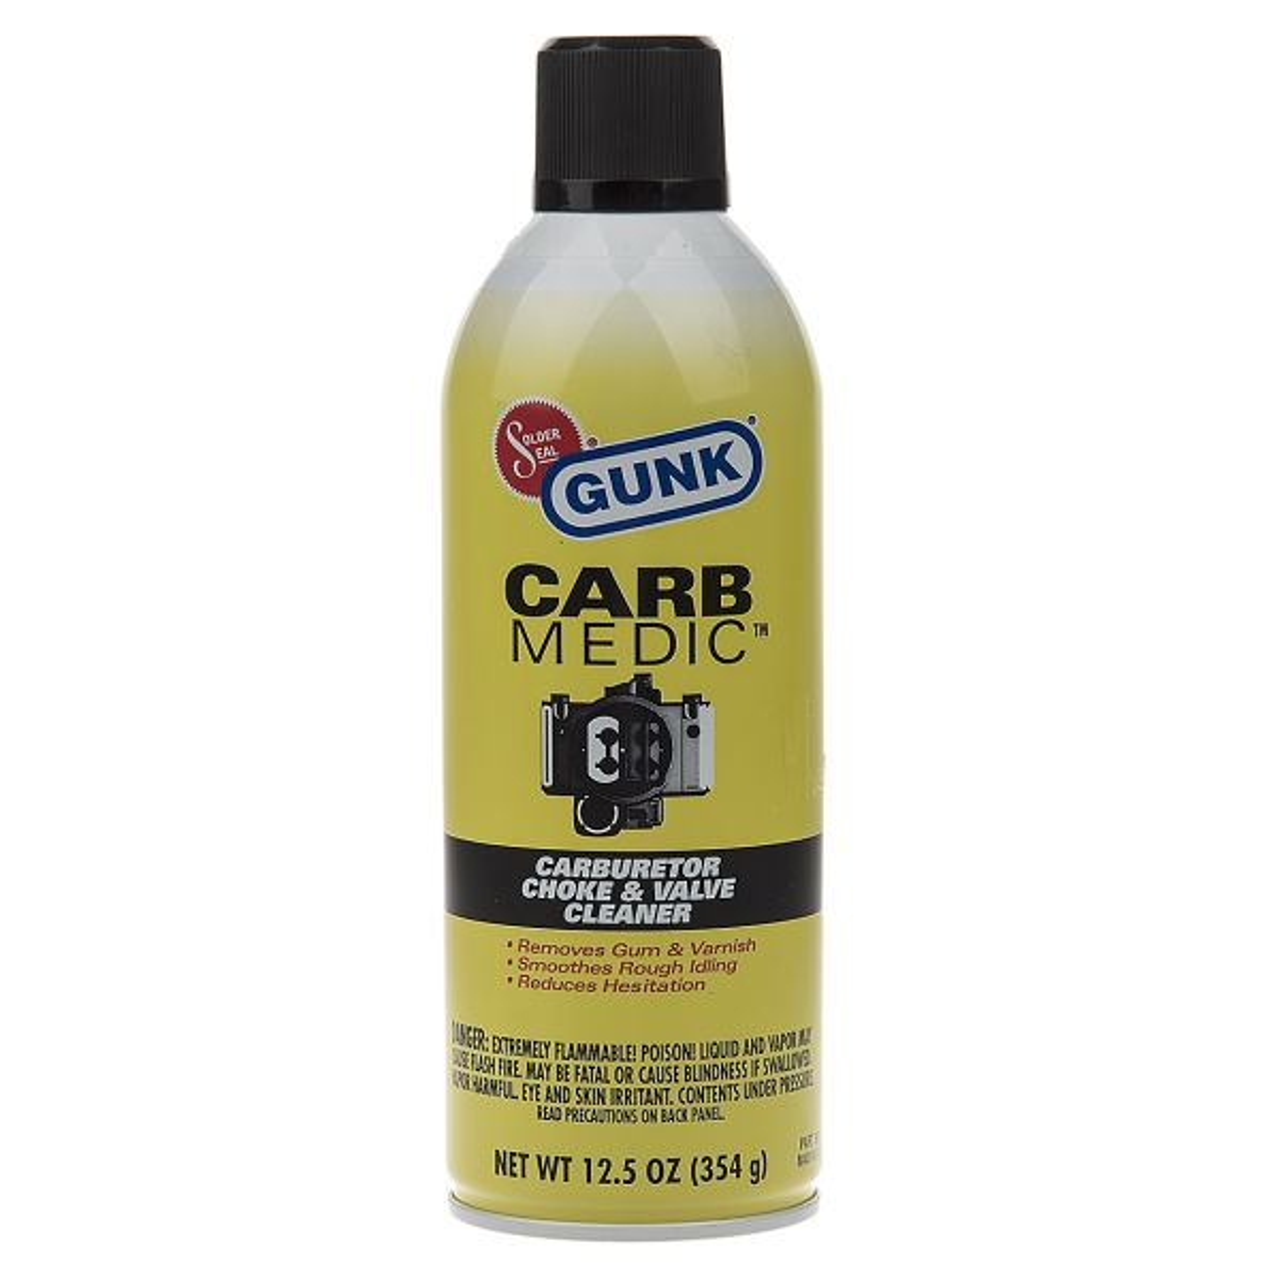 اسپری خودرو گانک مدل Carb Cleaner حجم 354 گرم